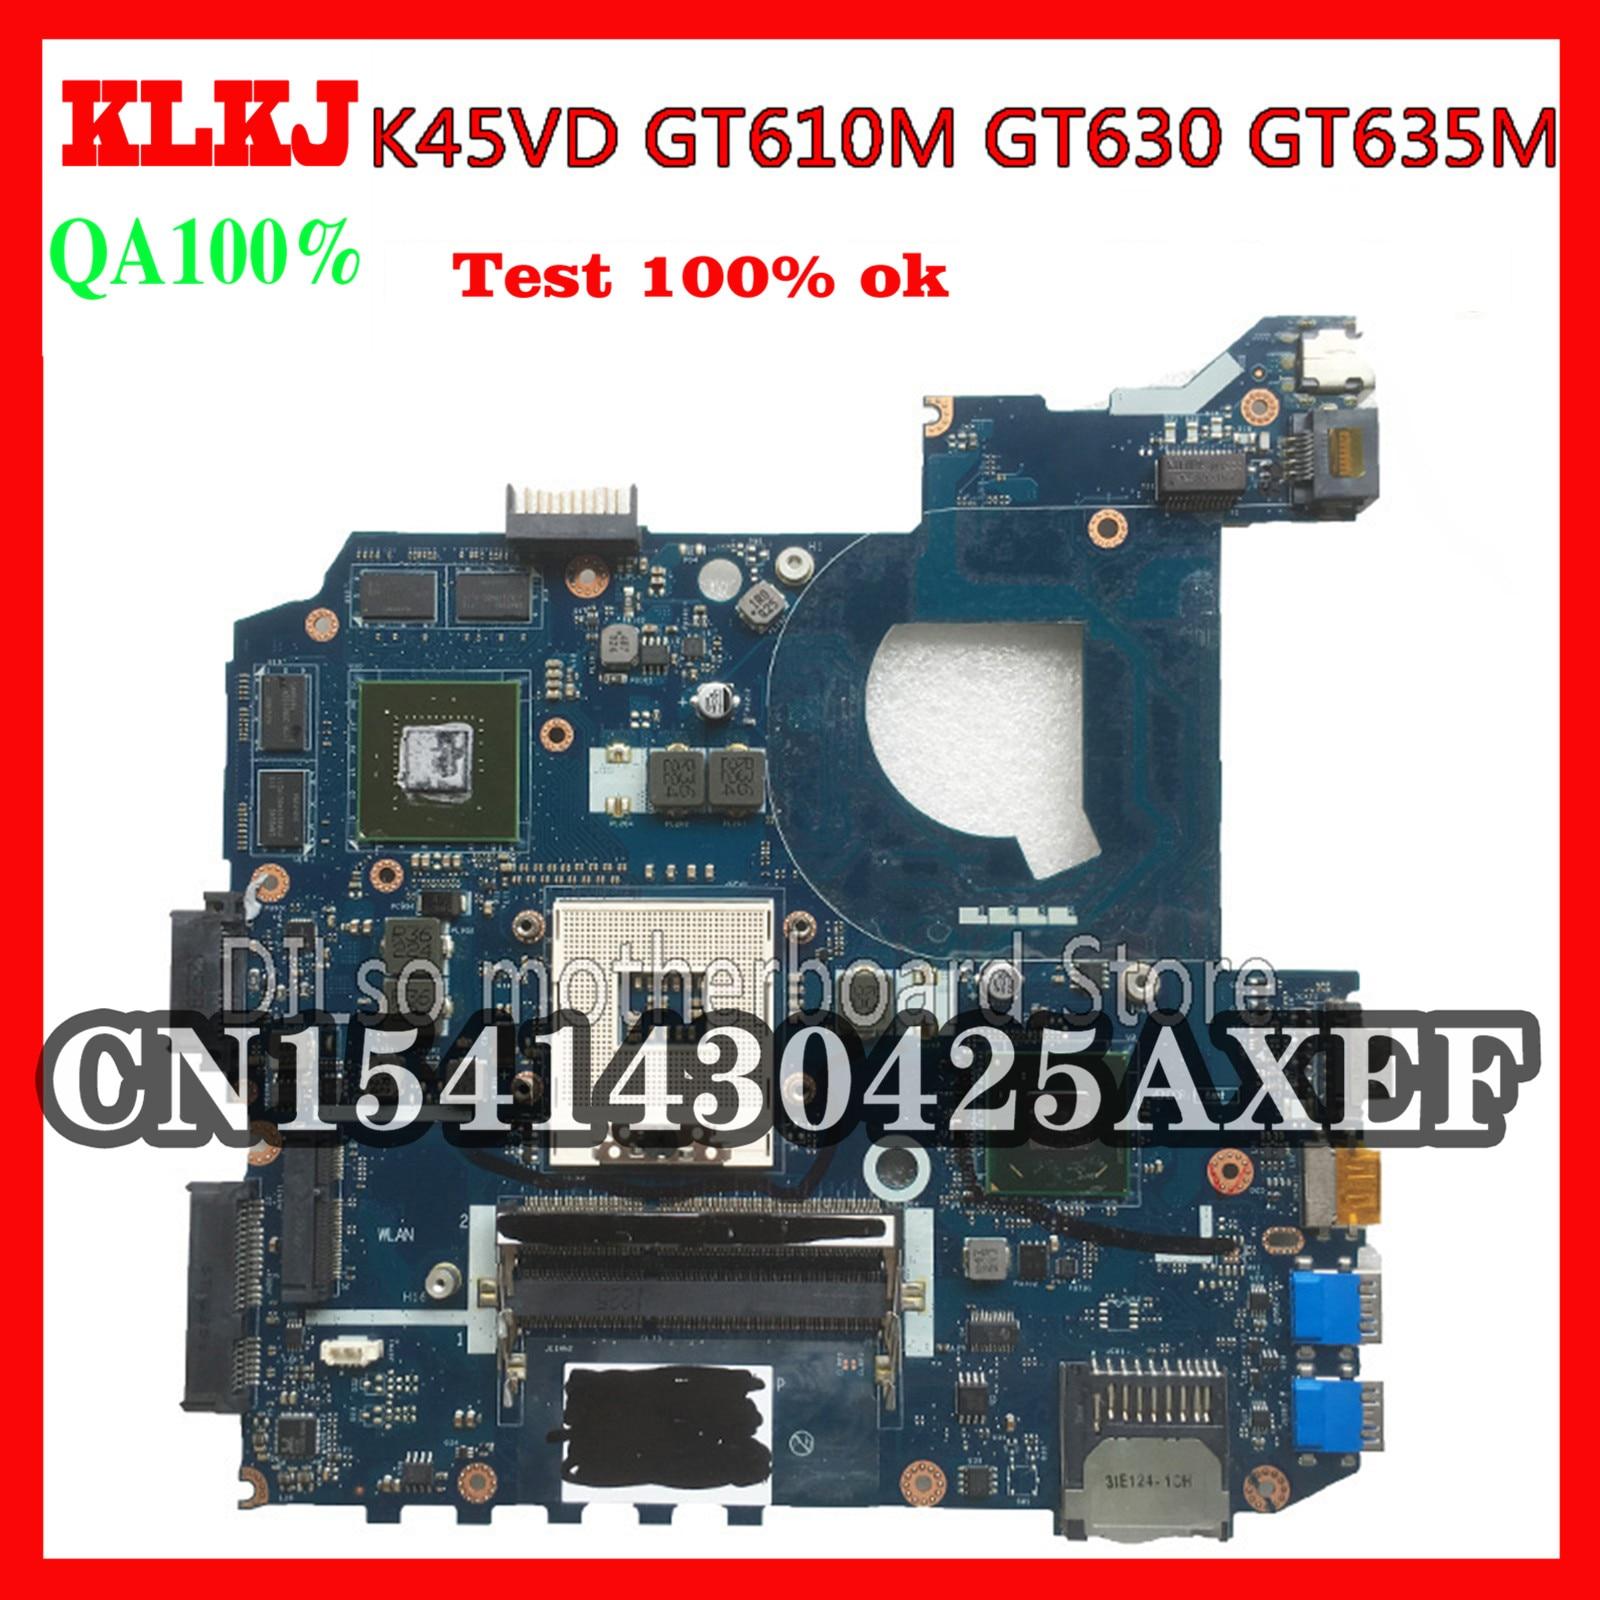 KLKJ LA-8221P ل ASUS K45VJ K45VD A45V A85V K45VS K45VM اللوحة LA-8221P GT630M/610M/635M اللوحة اختبار